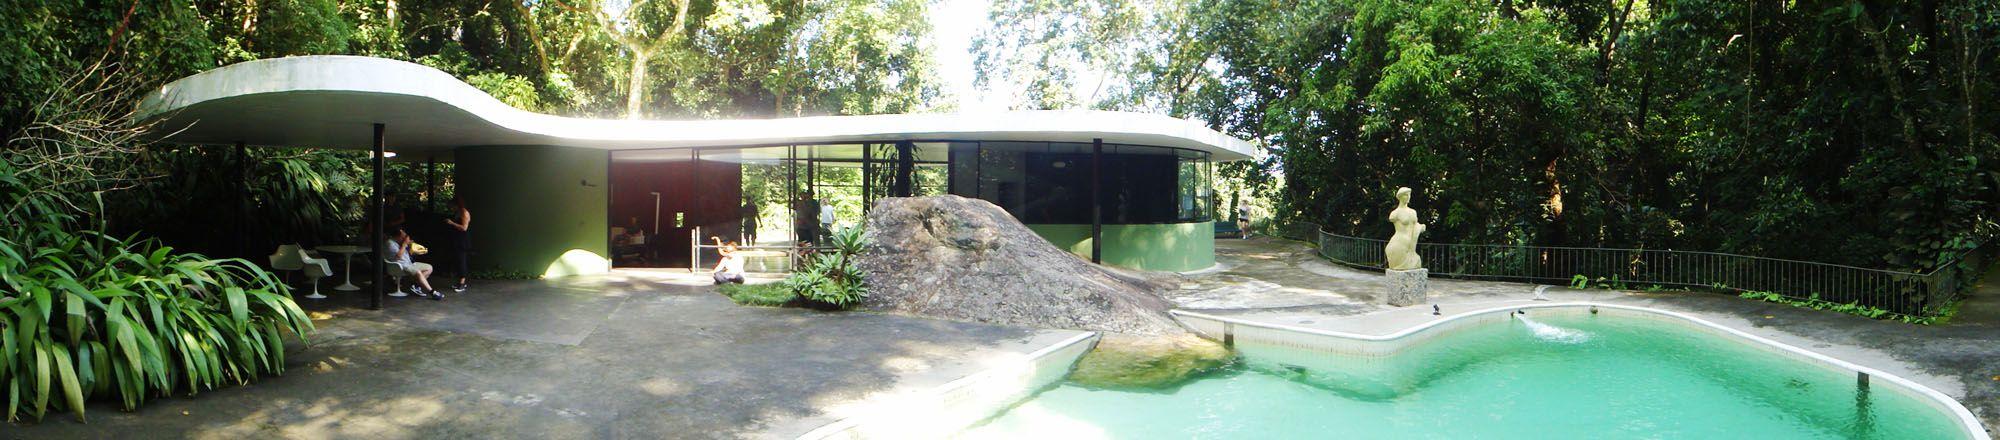 Galeria de Clássicos da Arquitetura: Casa das Canoas / Oscar Niemeyer - 17